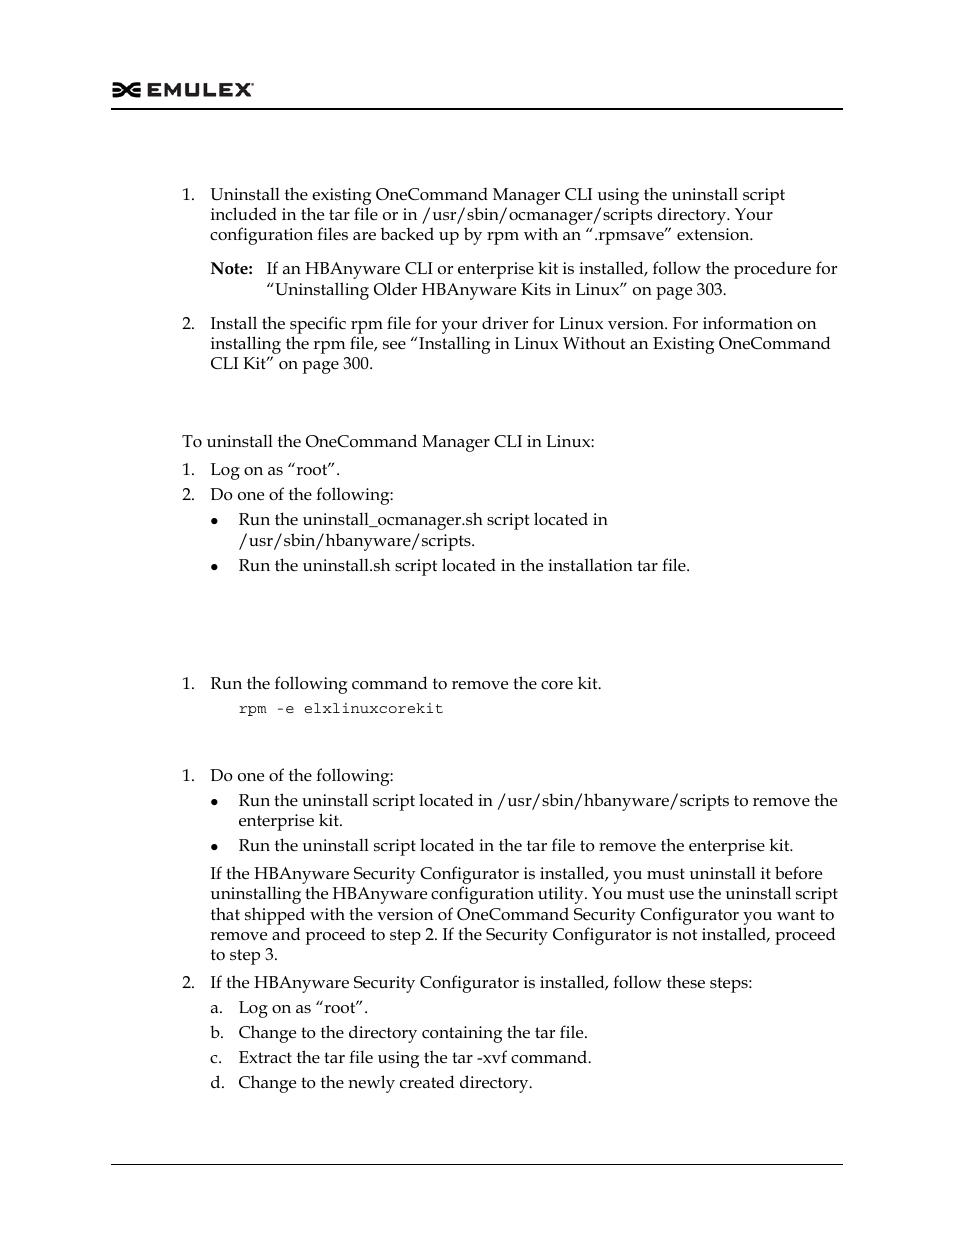 Uninstalling in linux, Uninstalling older hbanyware kits in